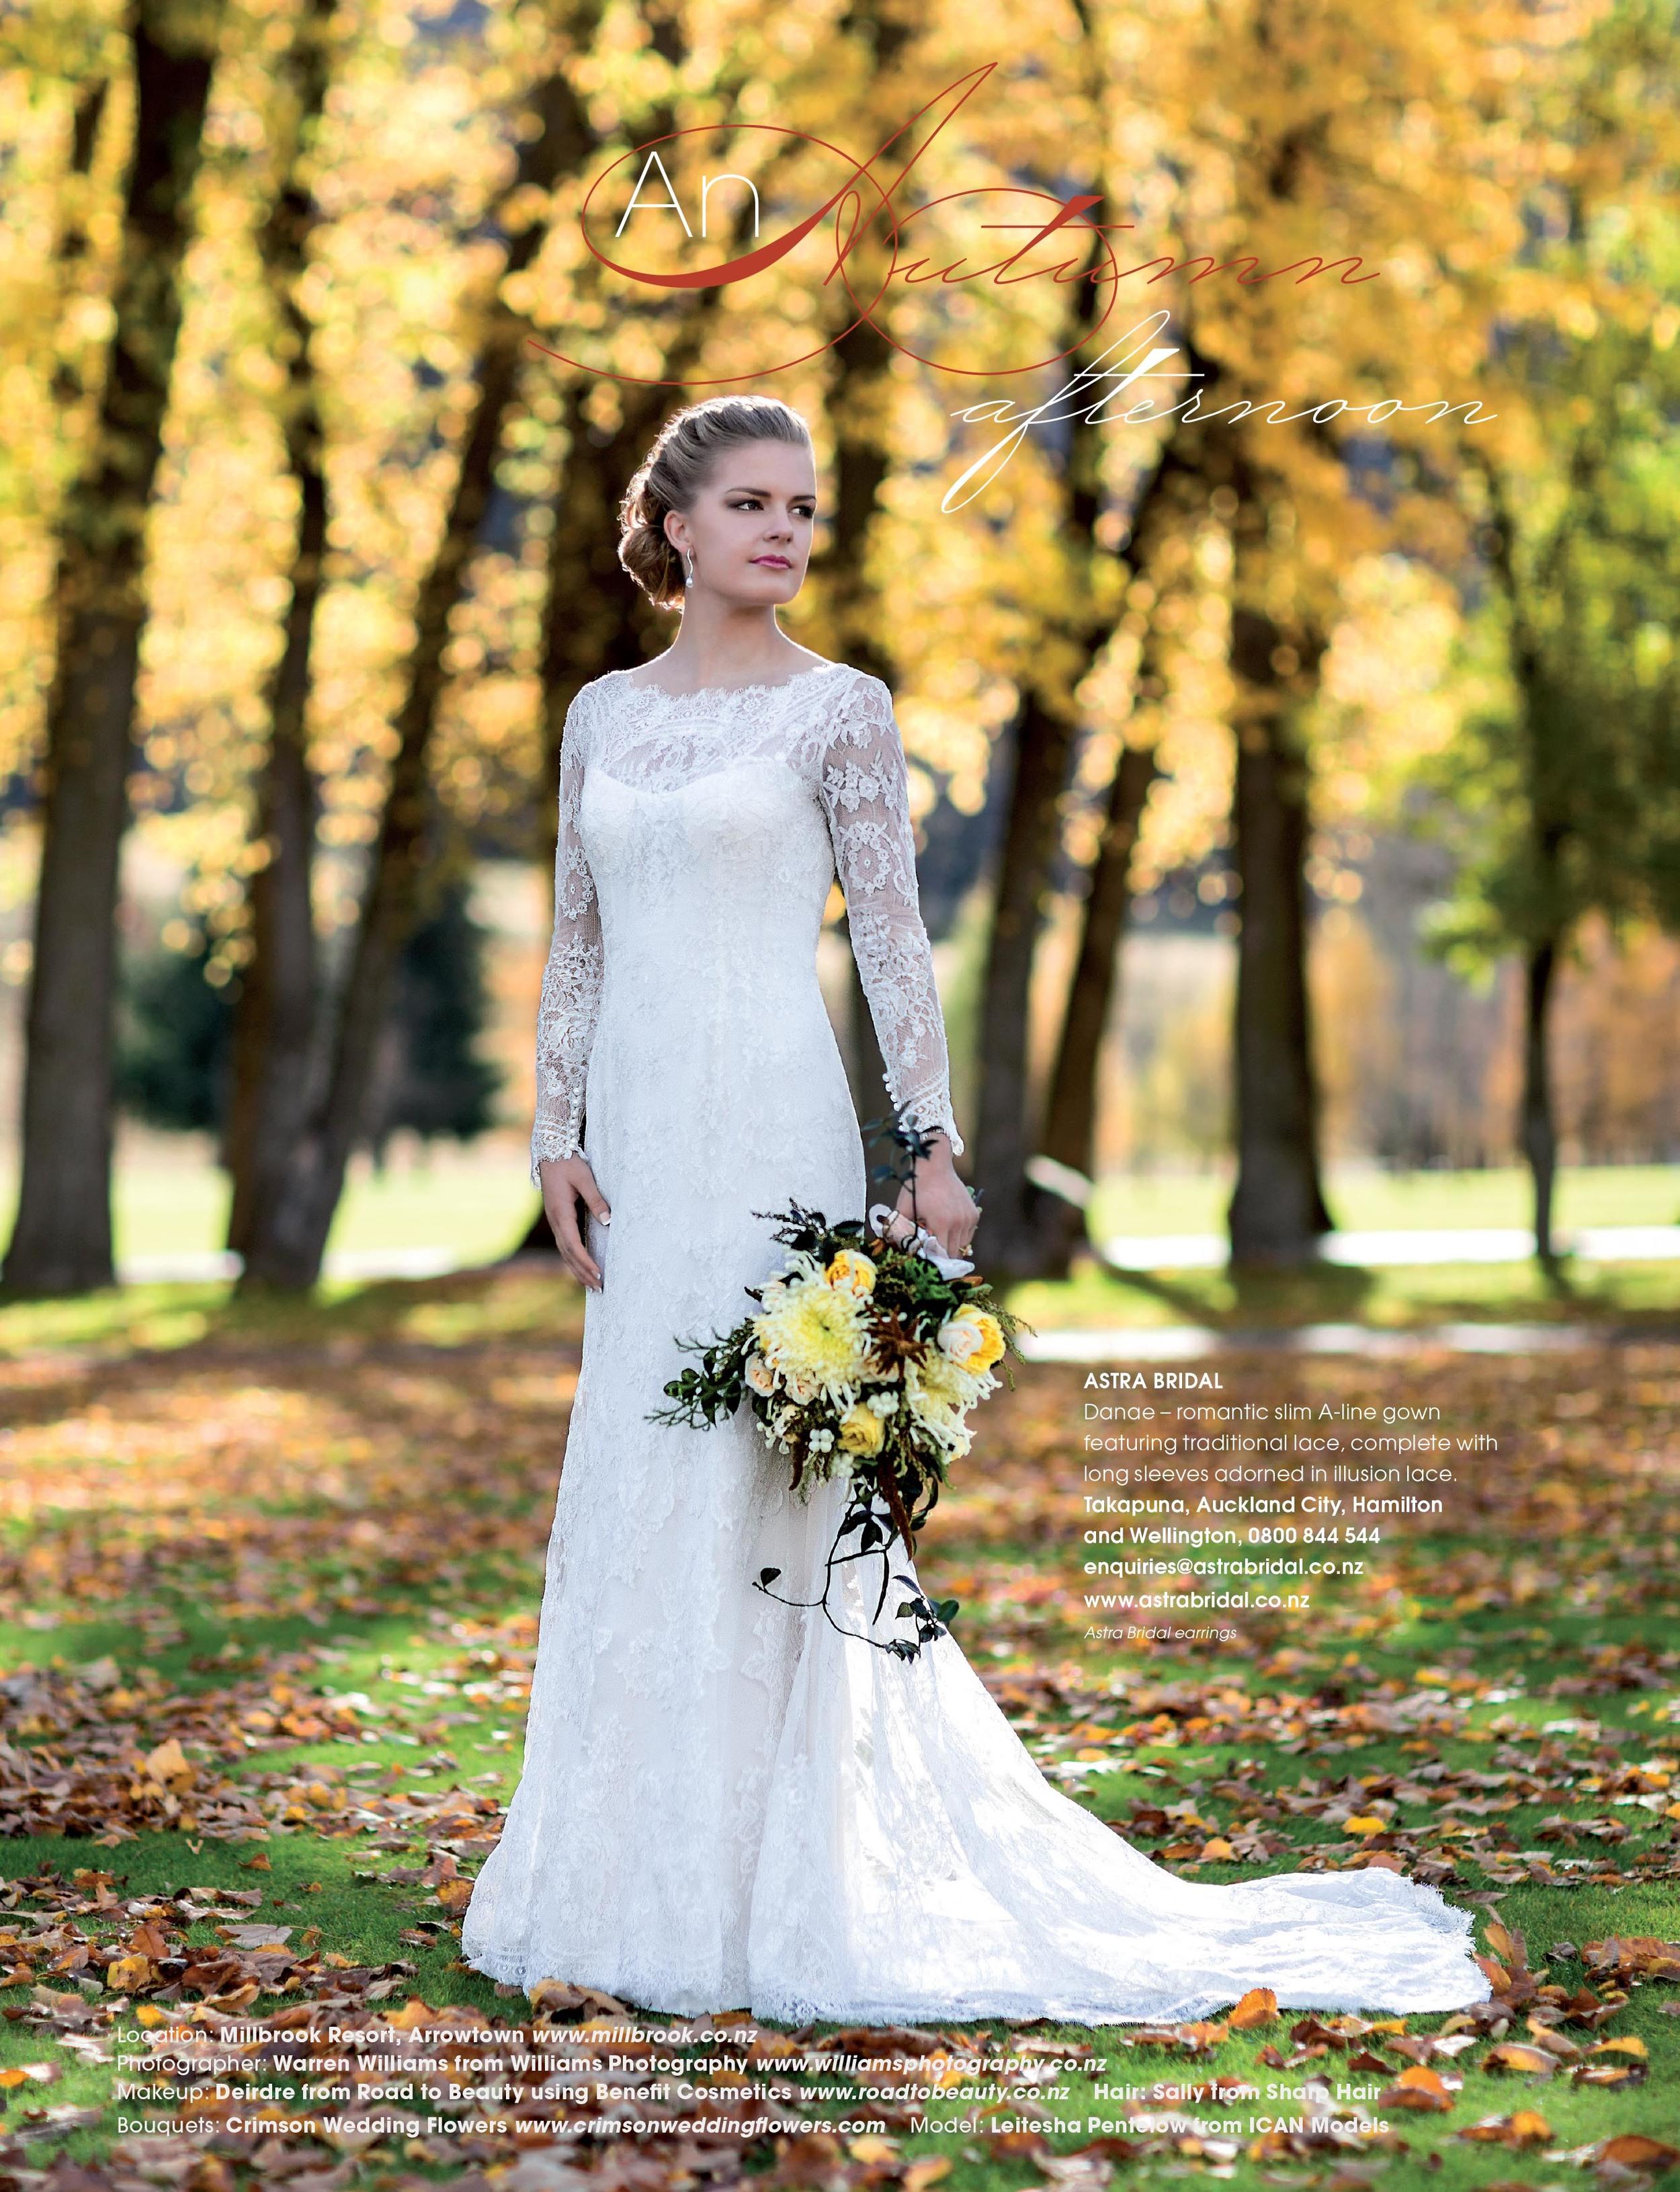 Wanaka-wedding-makeup-bride-and-groom7